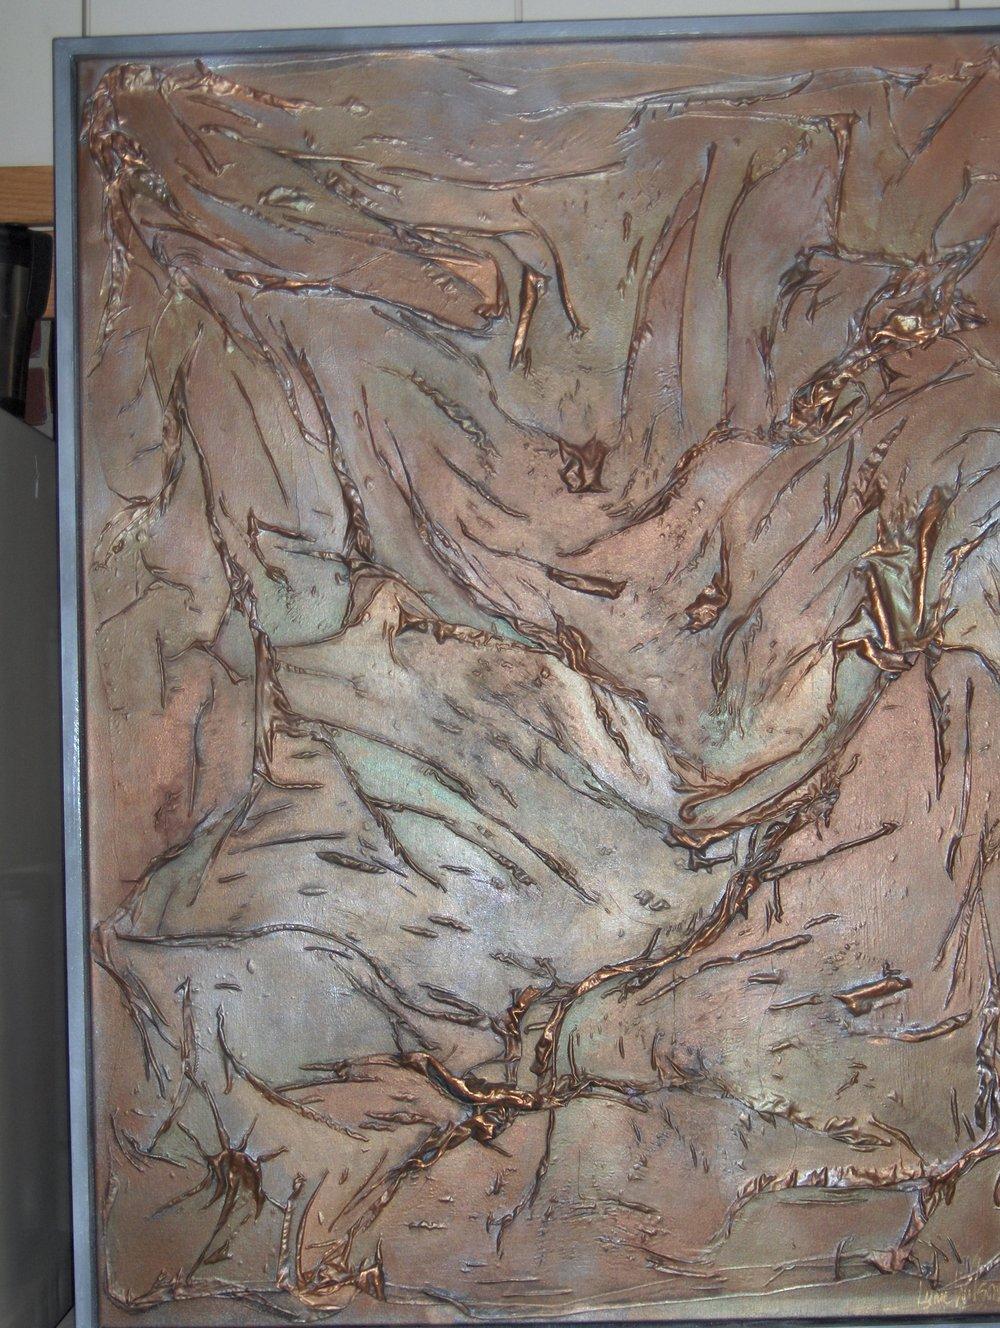 lynn wilson - Art mixedmedia May 2006-1.JPG